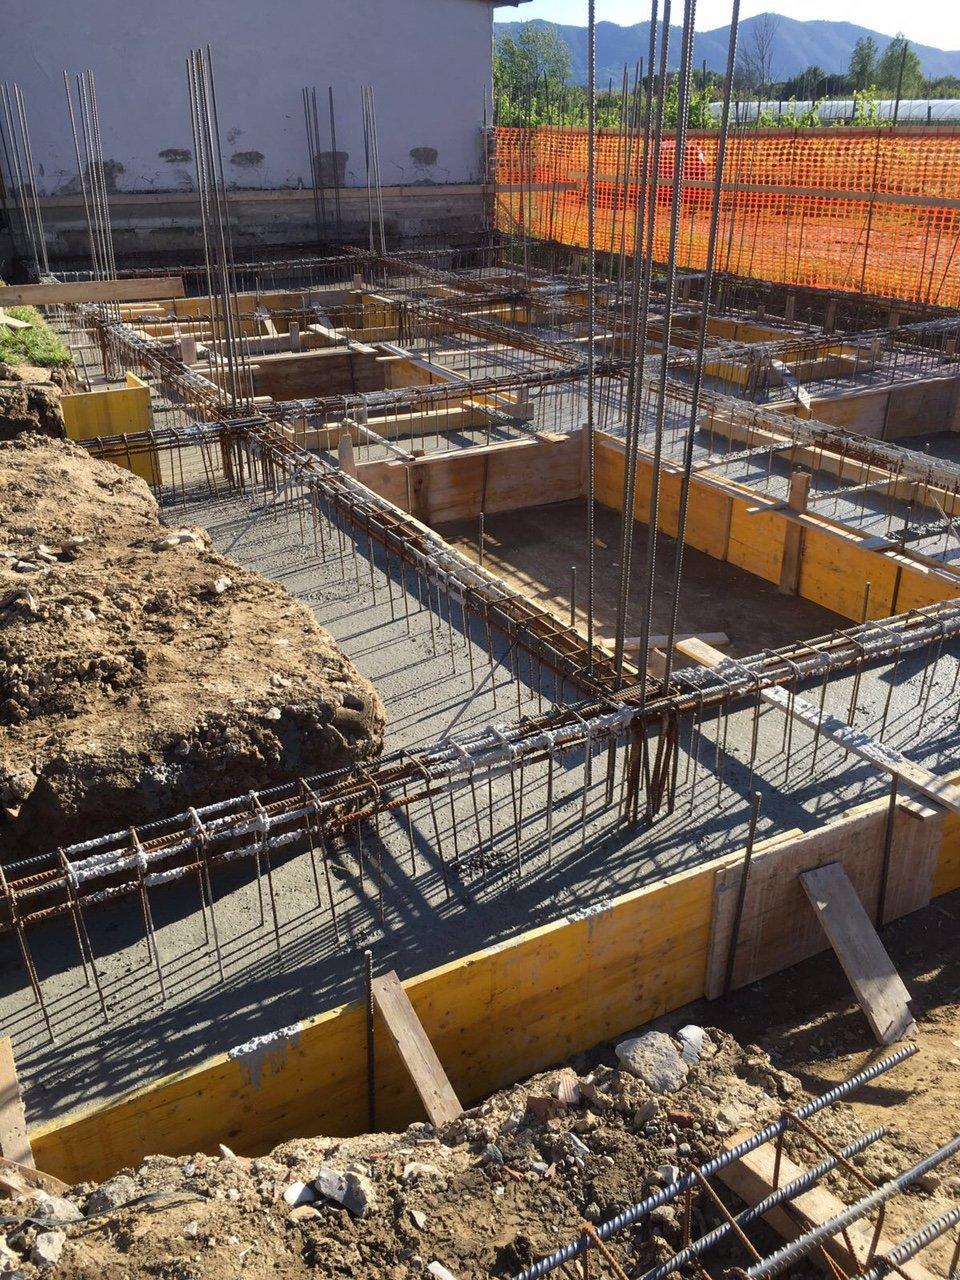 Fondamenta di un edificio in costruzione